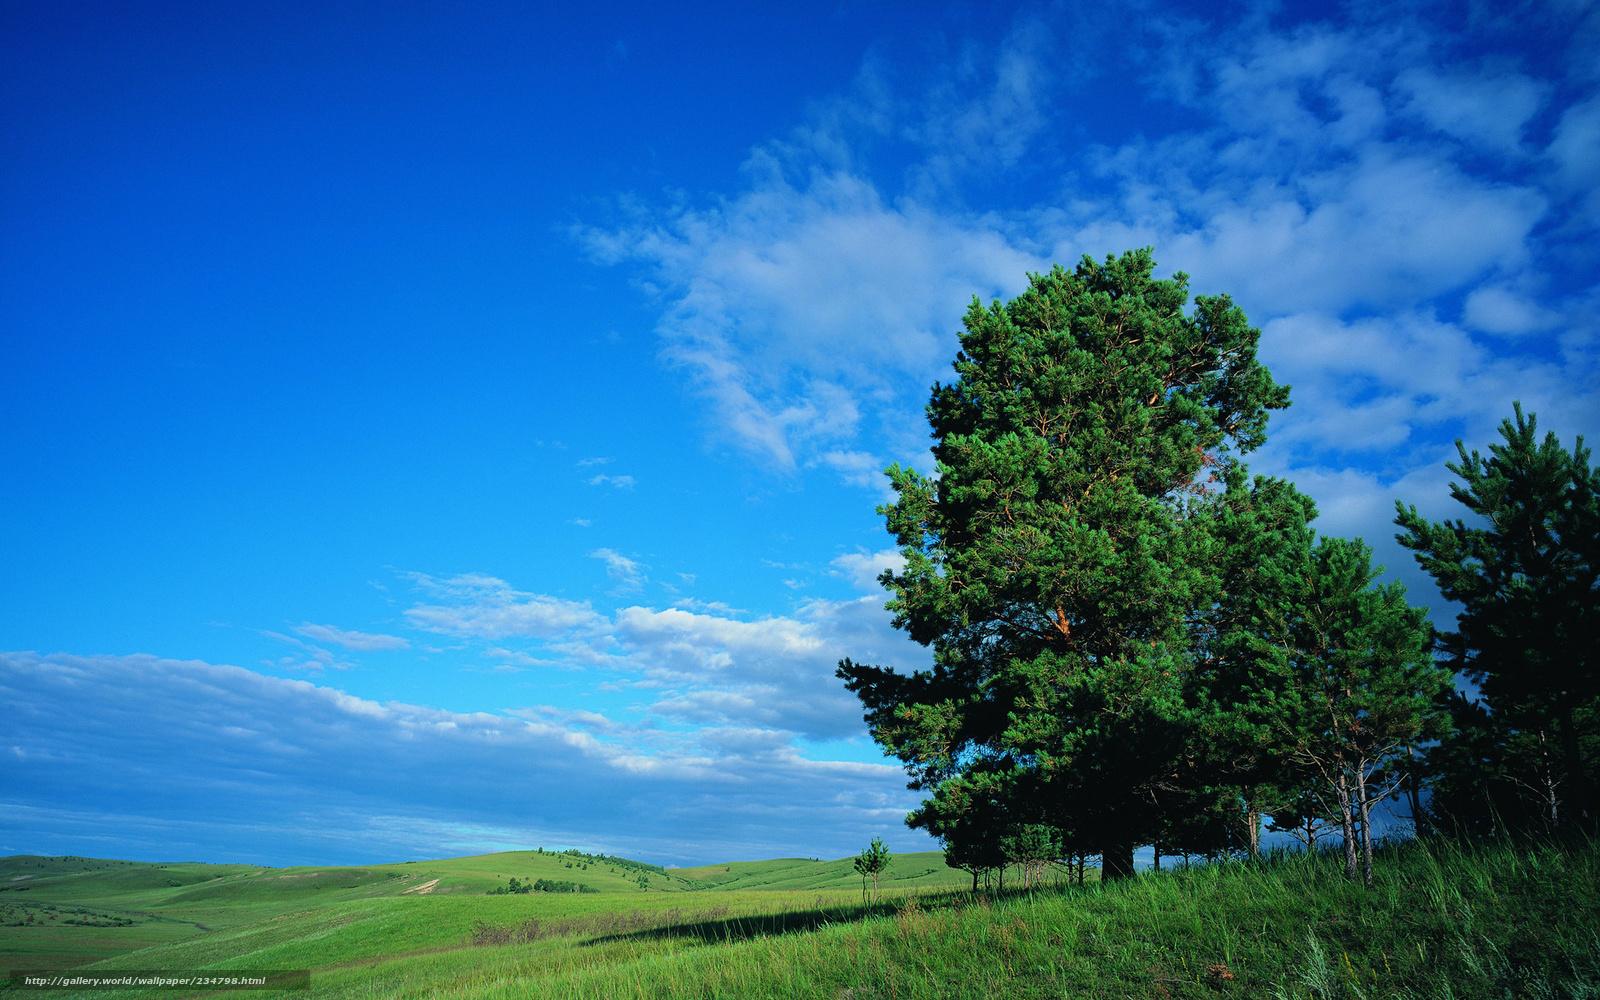 Tlcharger Fond D 39 Ecran Arbre Ciel Prairie Lgumes Verts Fonds D 39 Ecran Gratuits Pour Votre